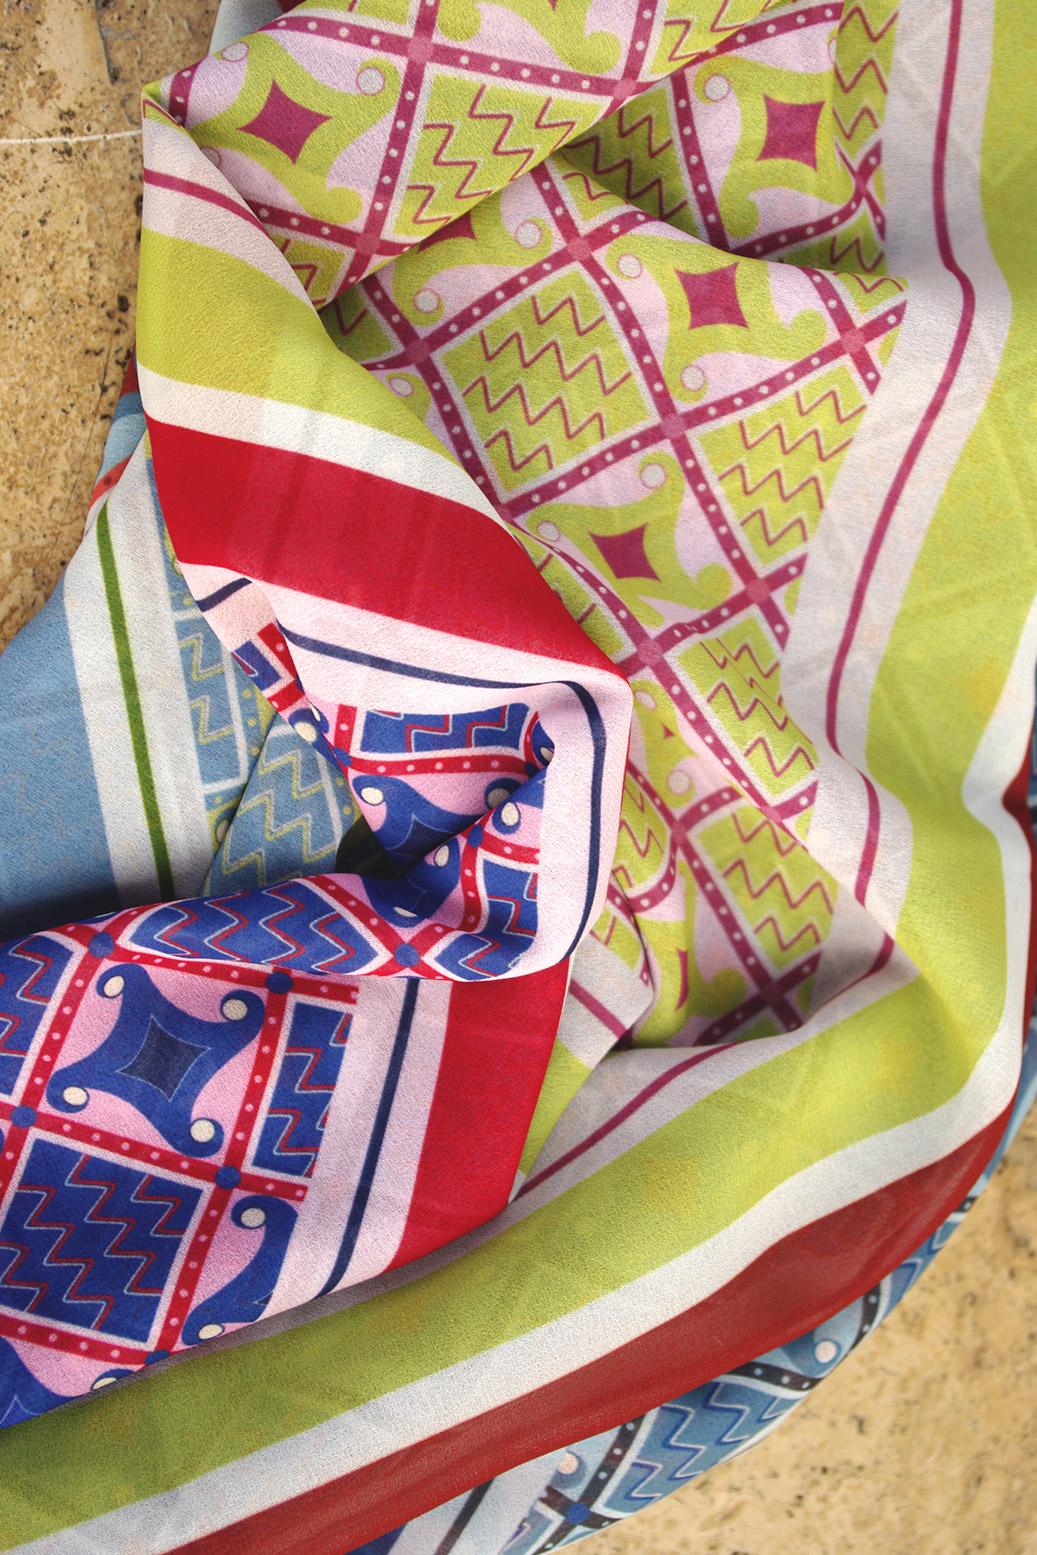 εκτύπωση σε ύφασμα, textile design